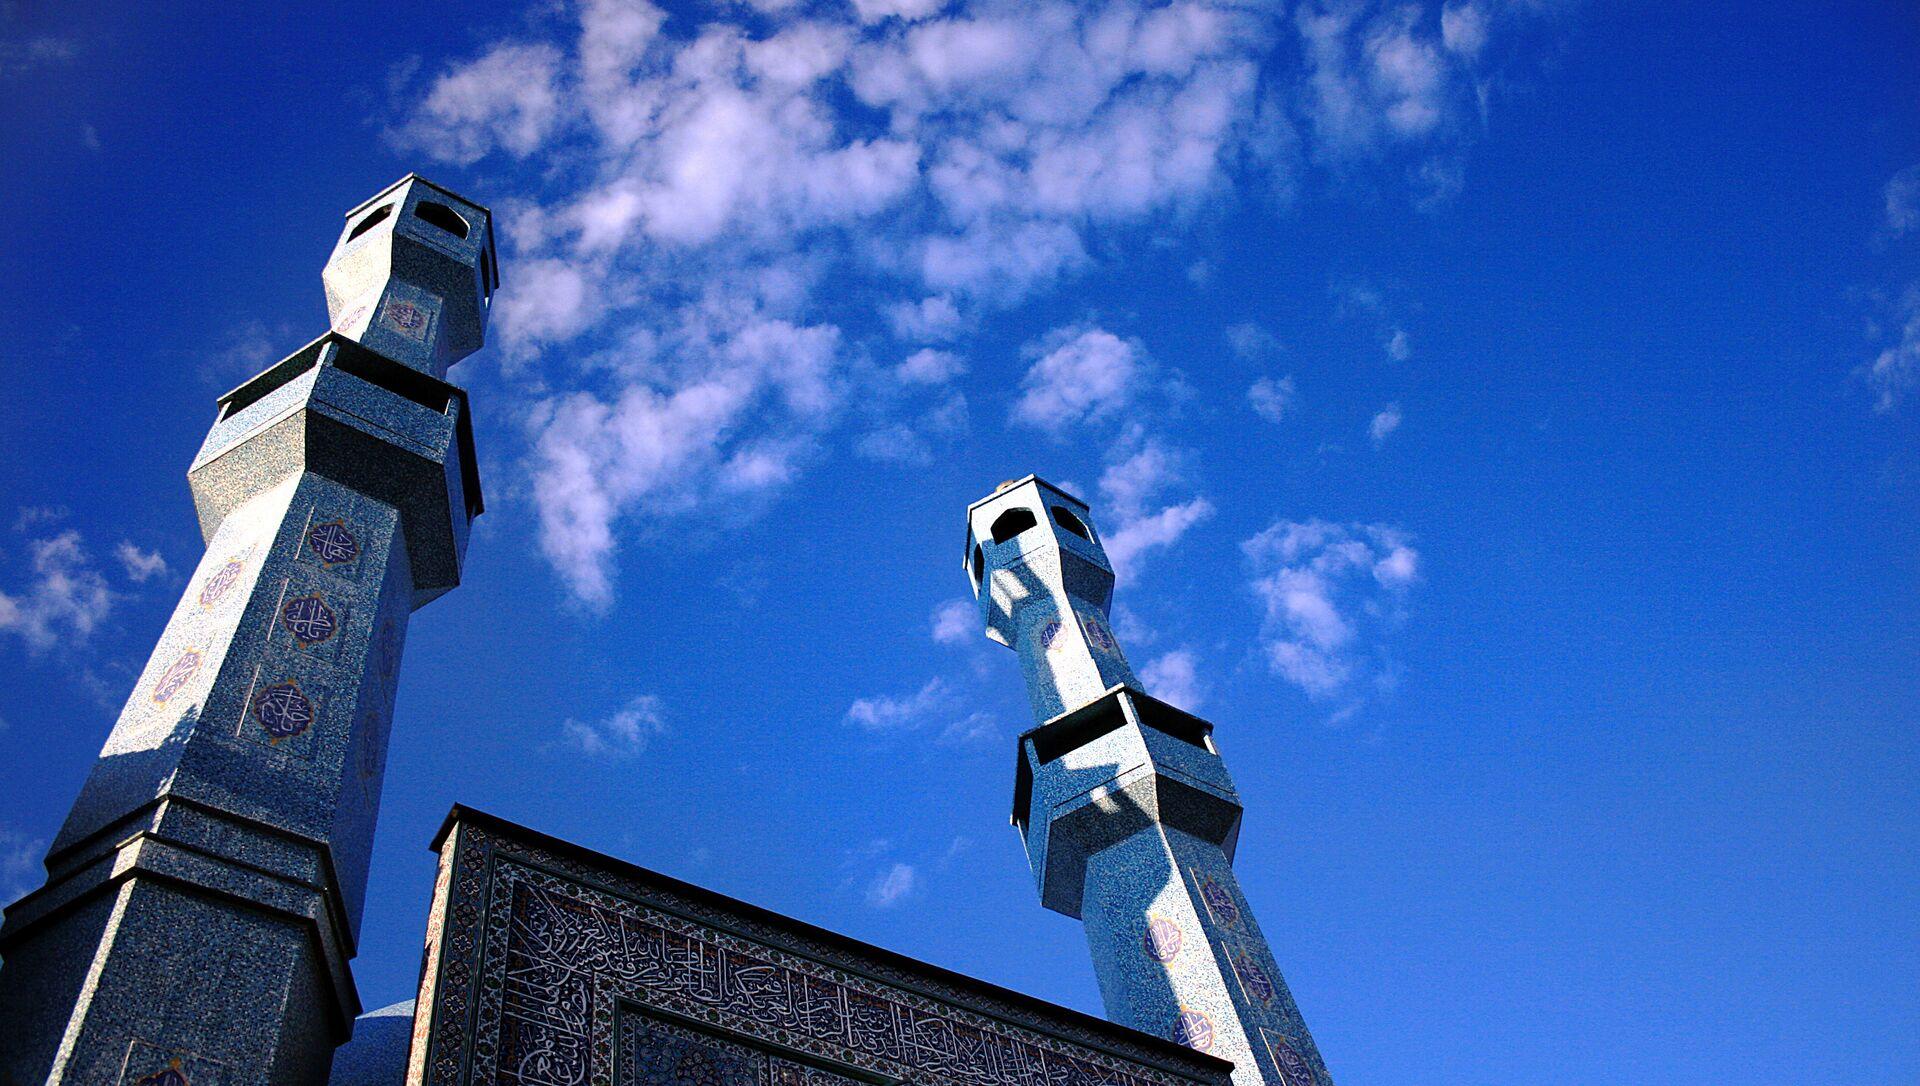 Mosque in Oslo, Norway - Sputnik International, 1920, 05.08.2021